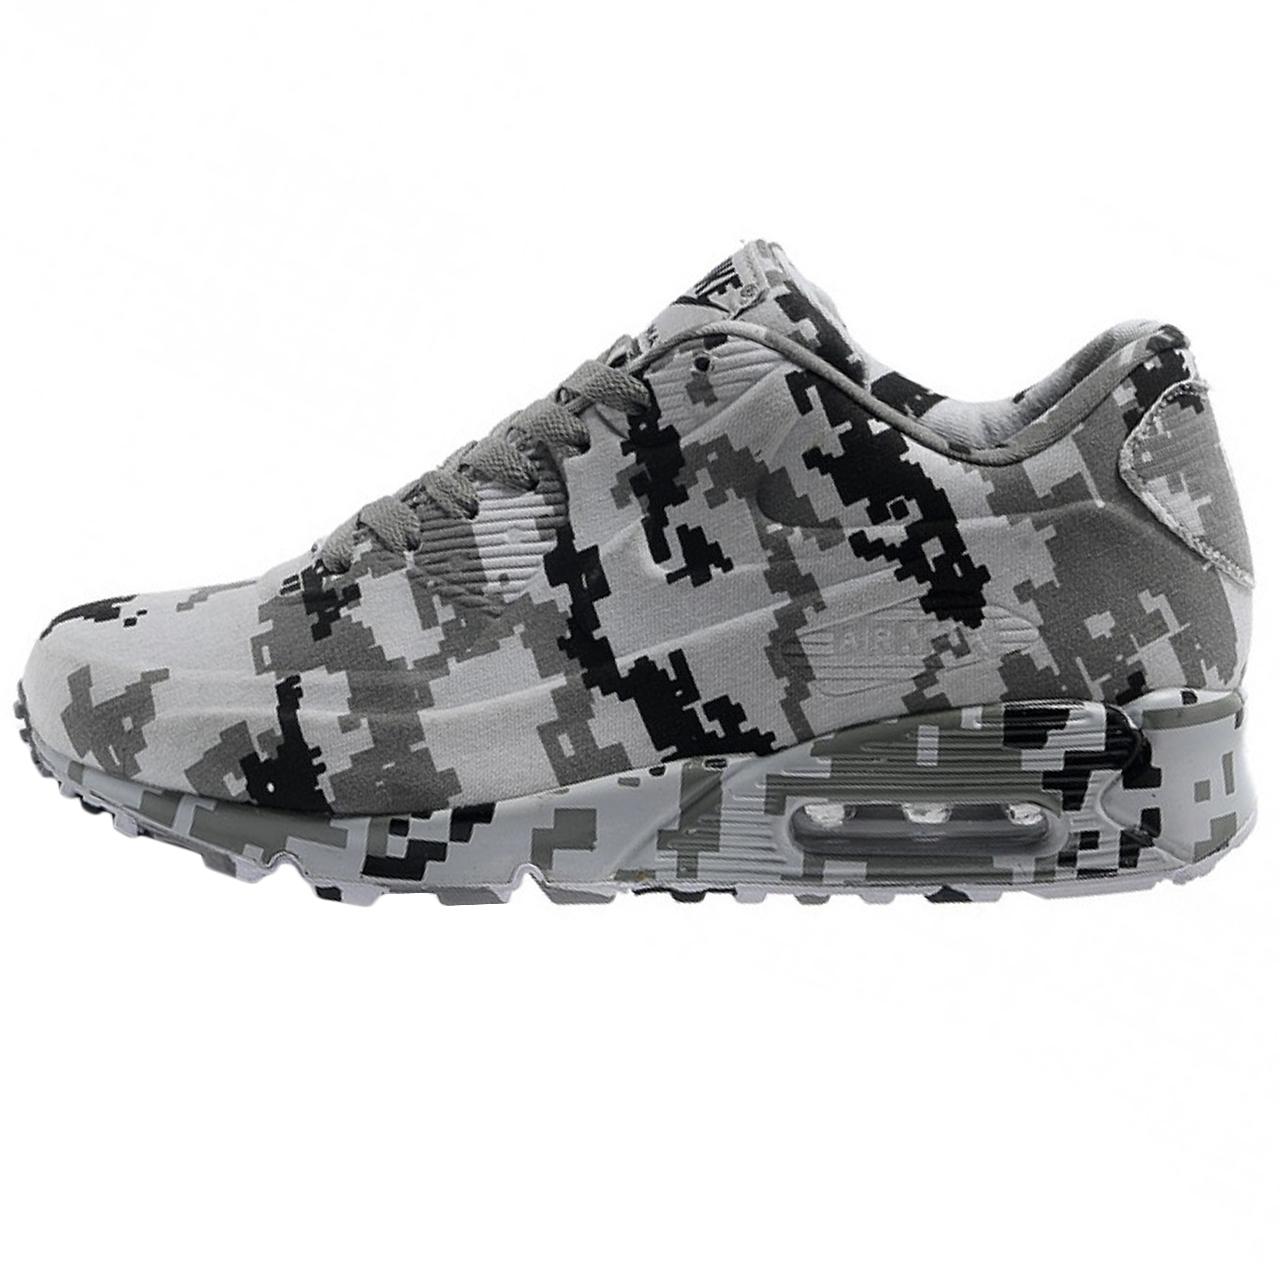 قیمت کفش مخصوص دویدن مردانه نایکی مدل Airmax کد  819316402